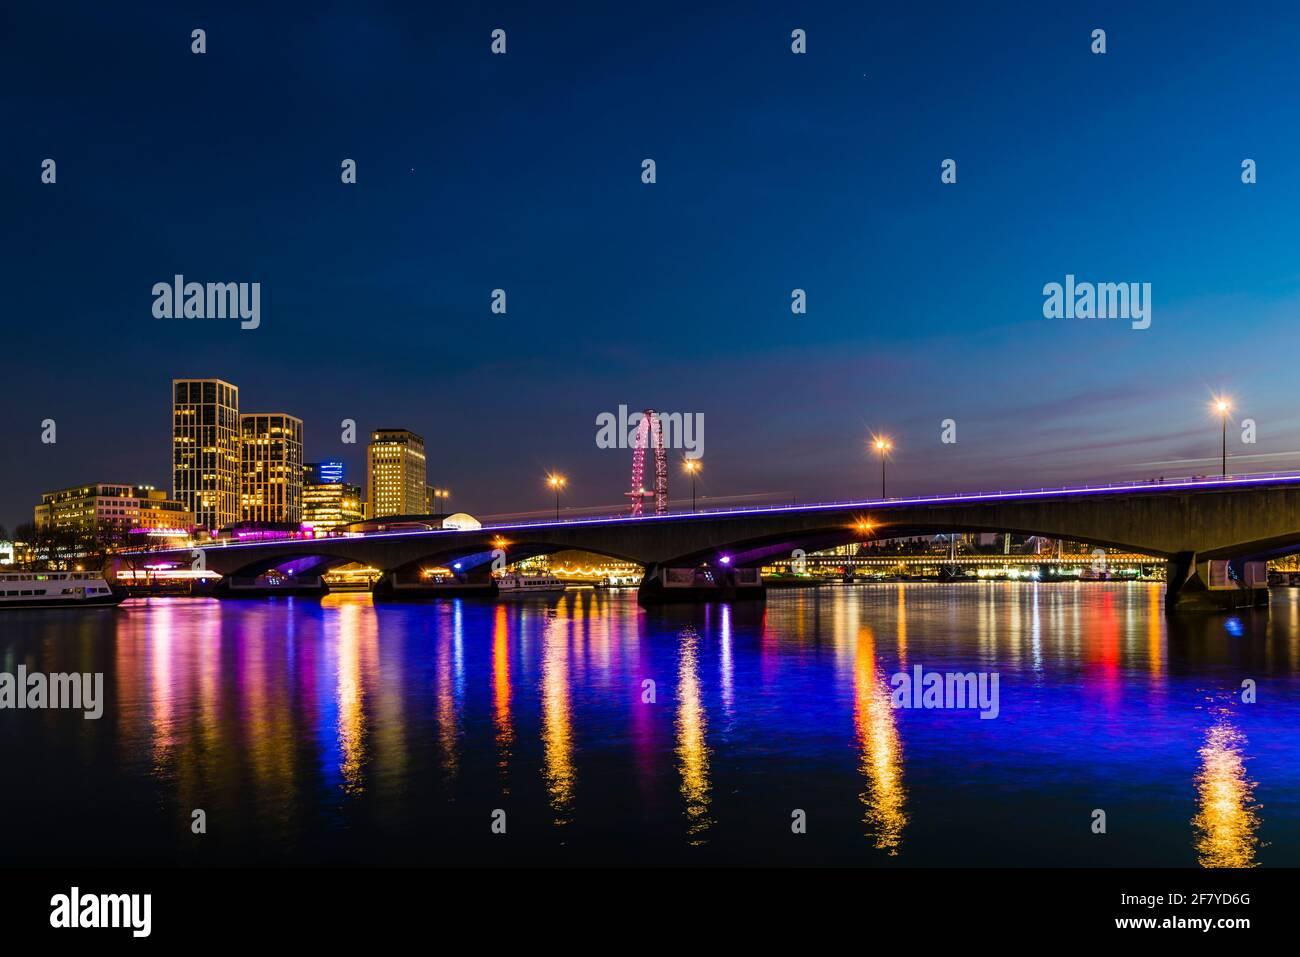 Vista nocturna de las luces del puente Waterloo sobre el río Támesis, Londres, Reino Unido Foto de stock